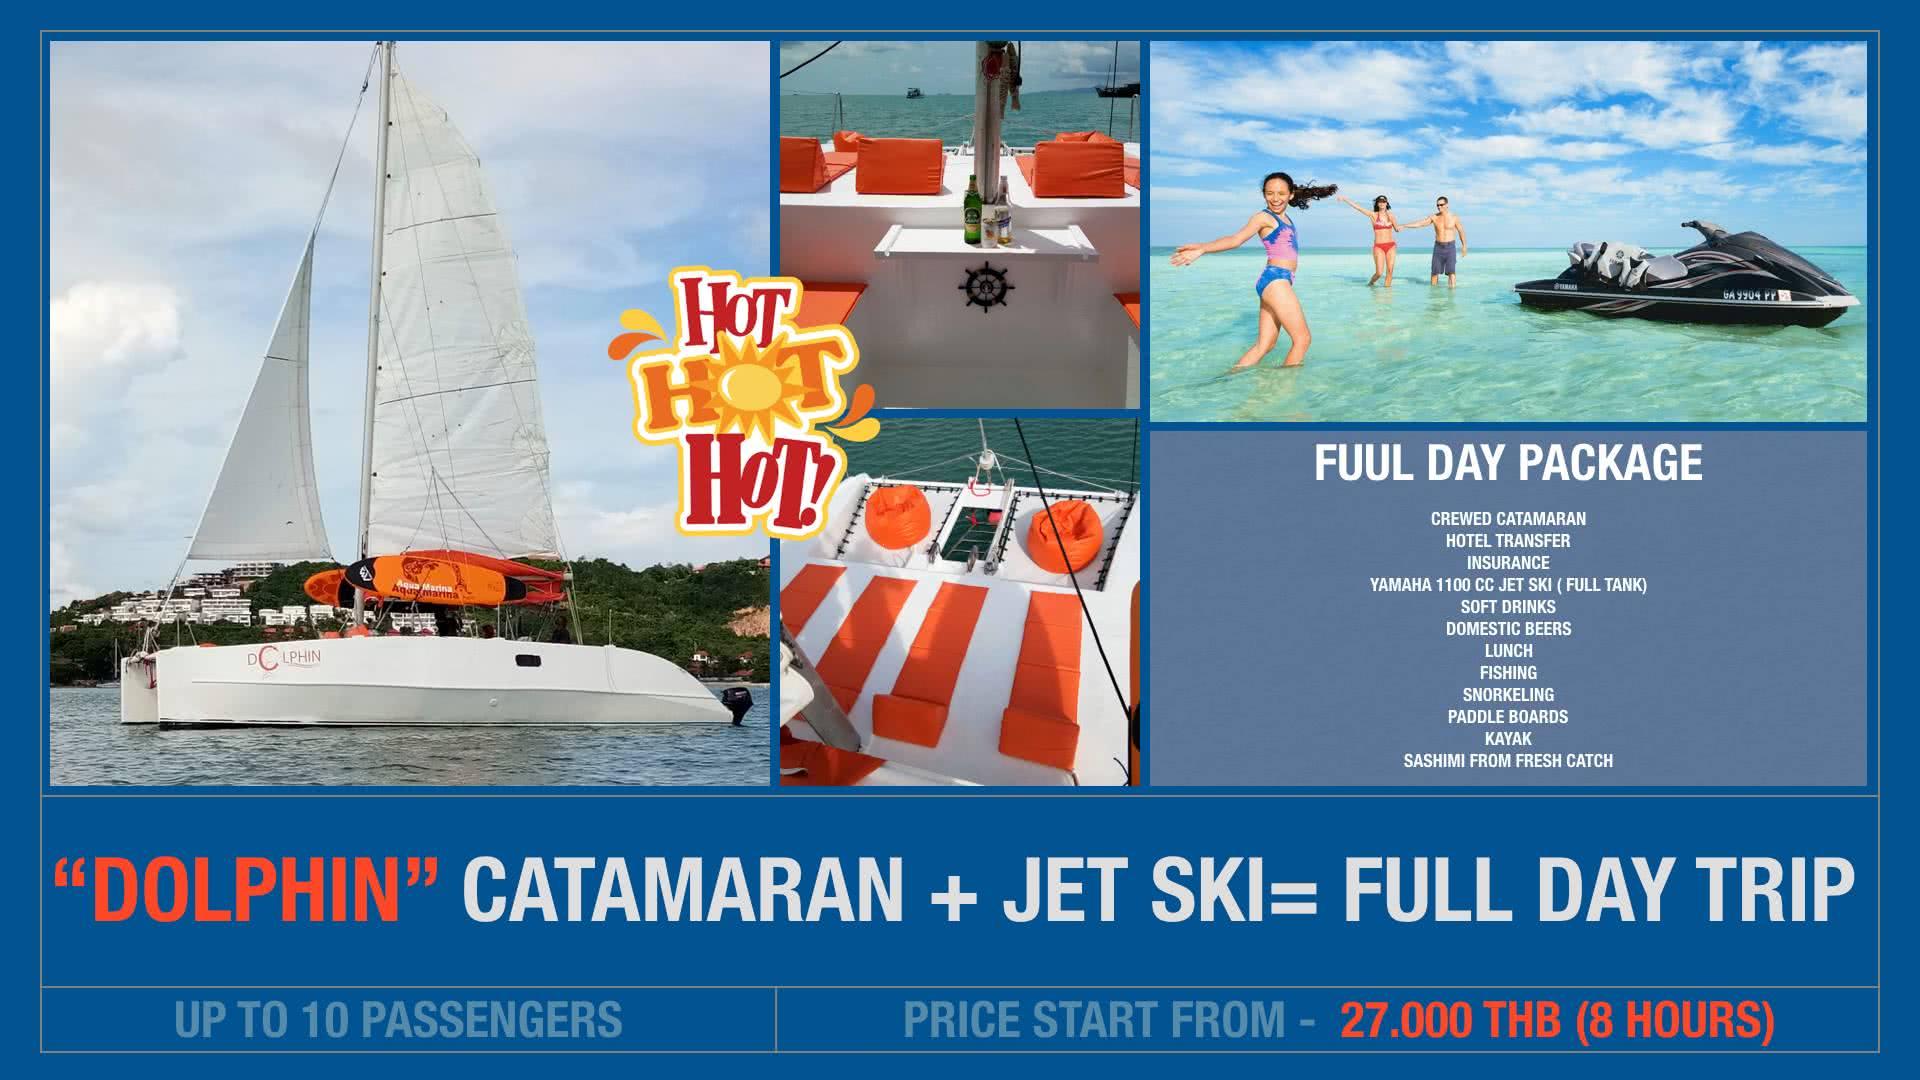 Catamaran + JetSki